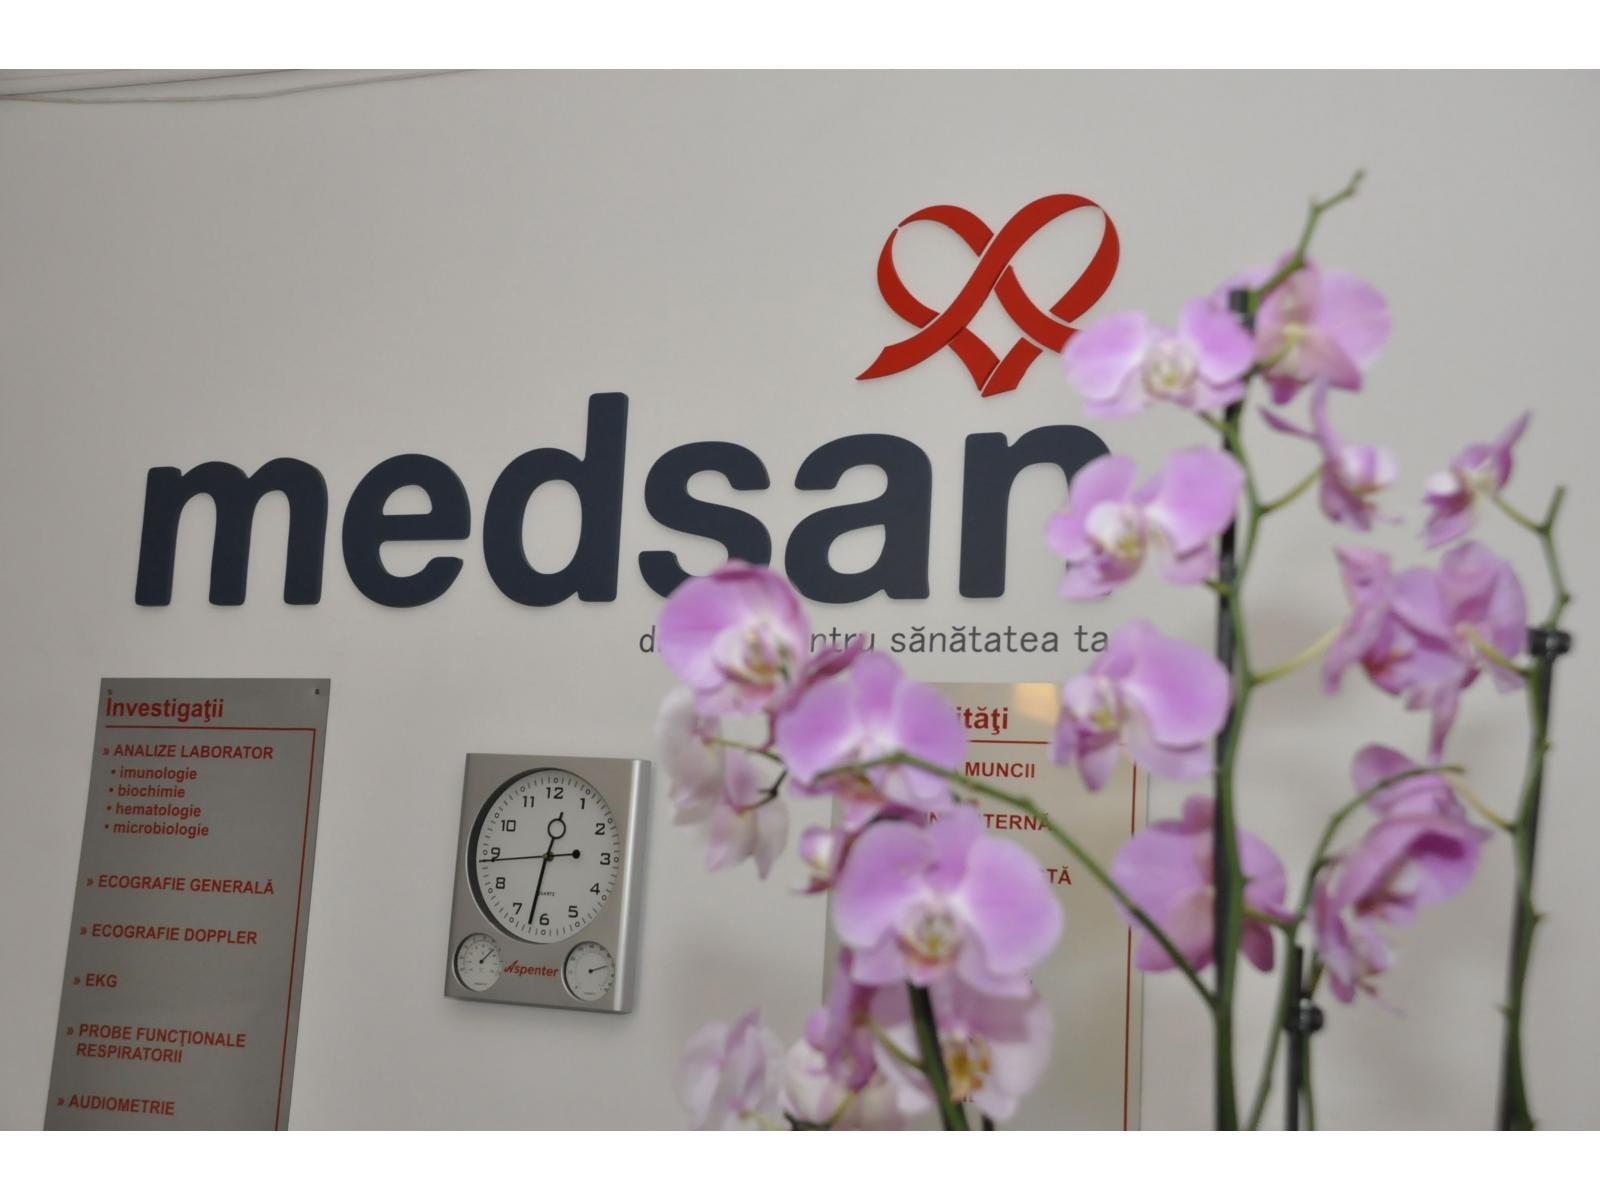 Centrul medical Medsan - _DSC0035.JPG